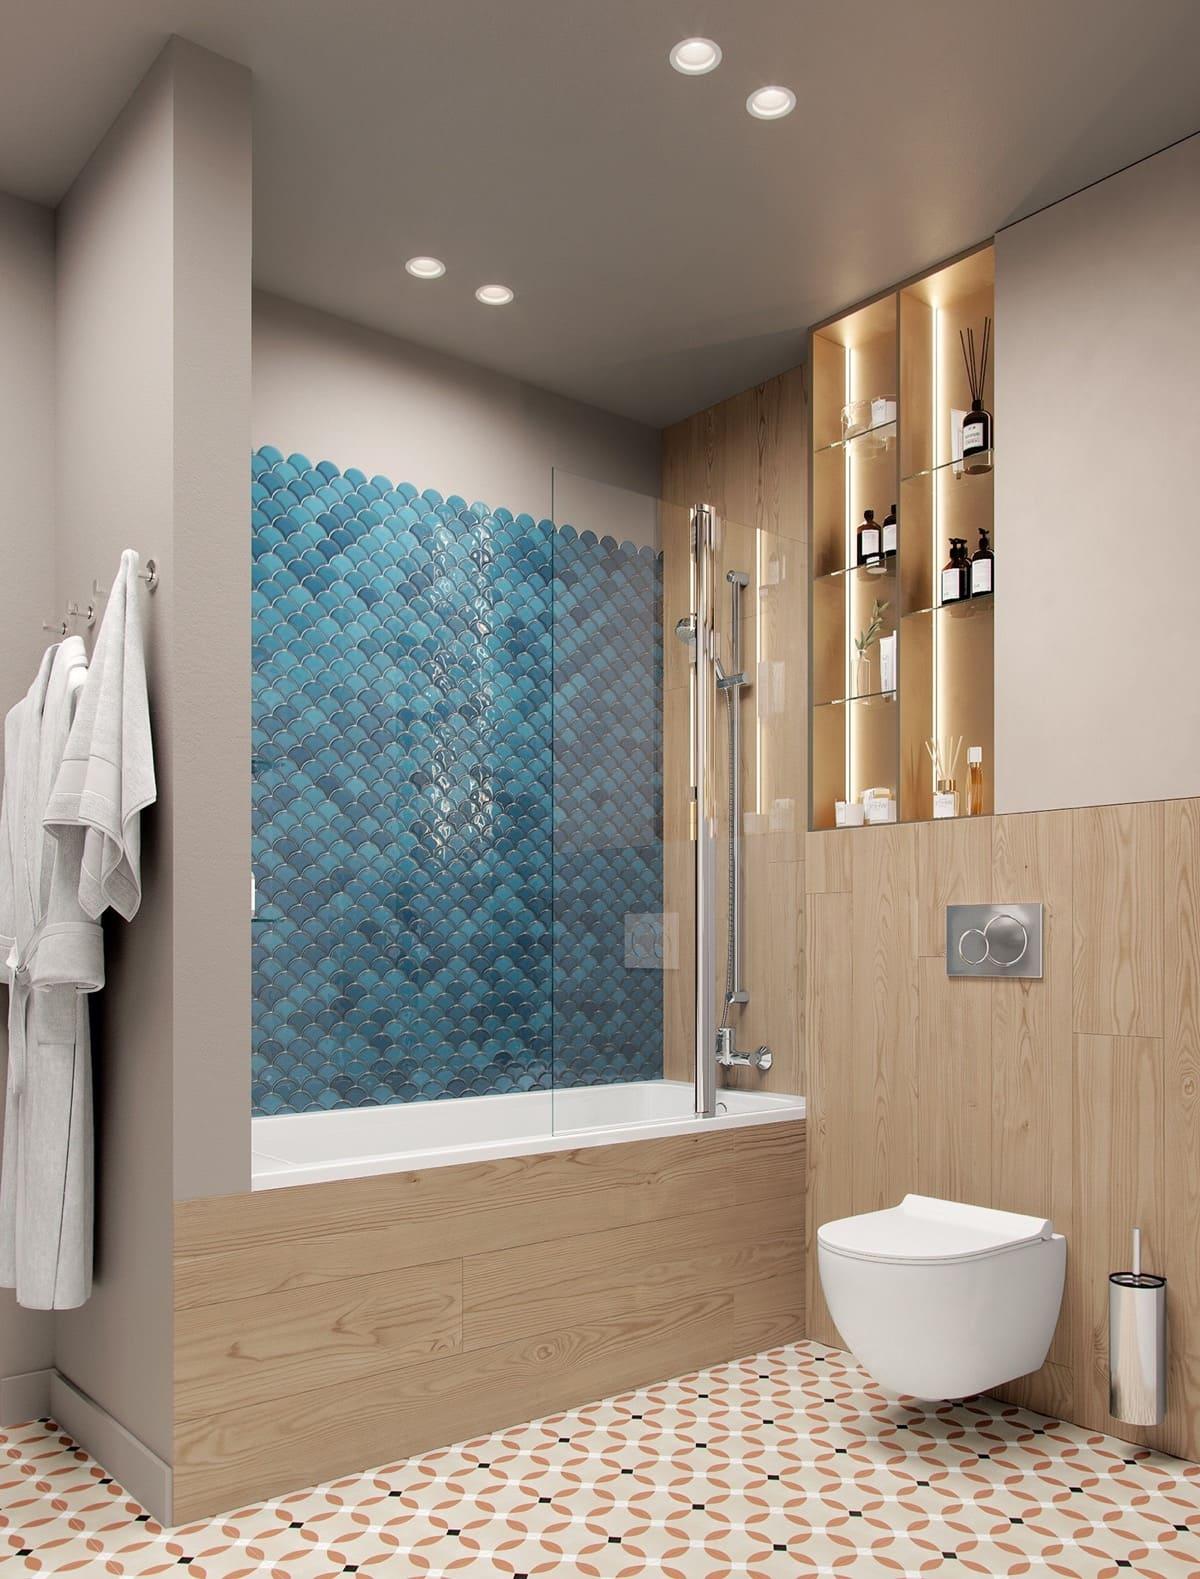 дизайн интерьера ванной комнаты фото 11